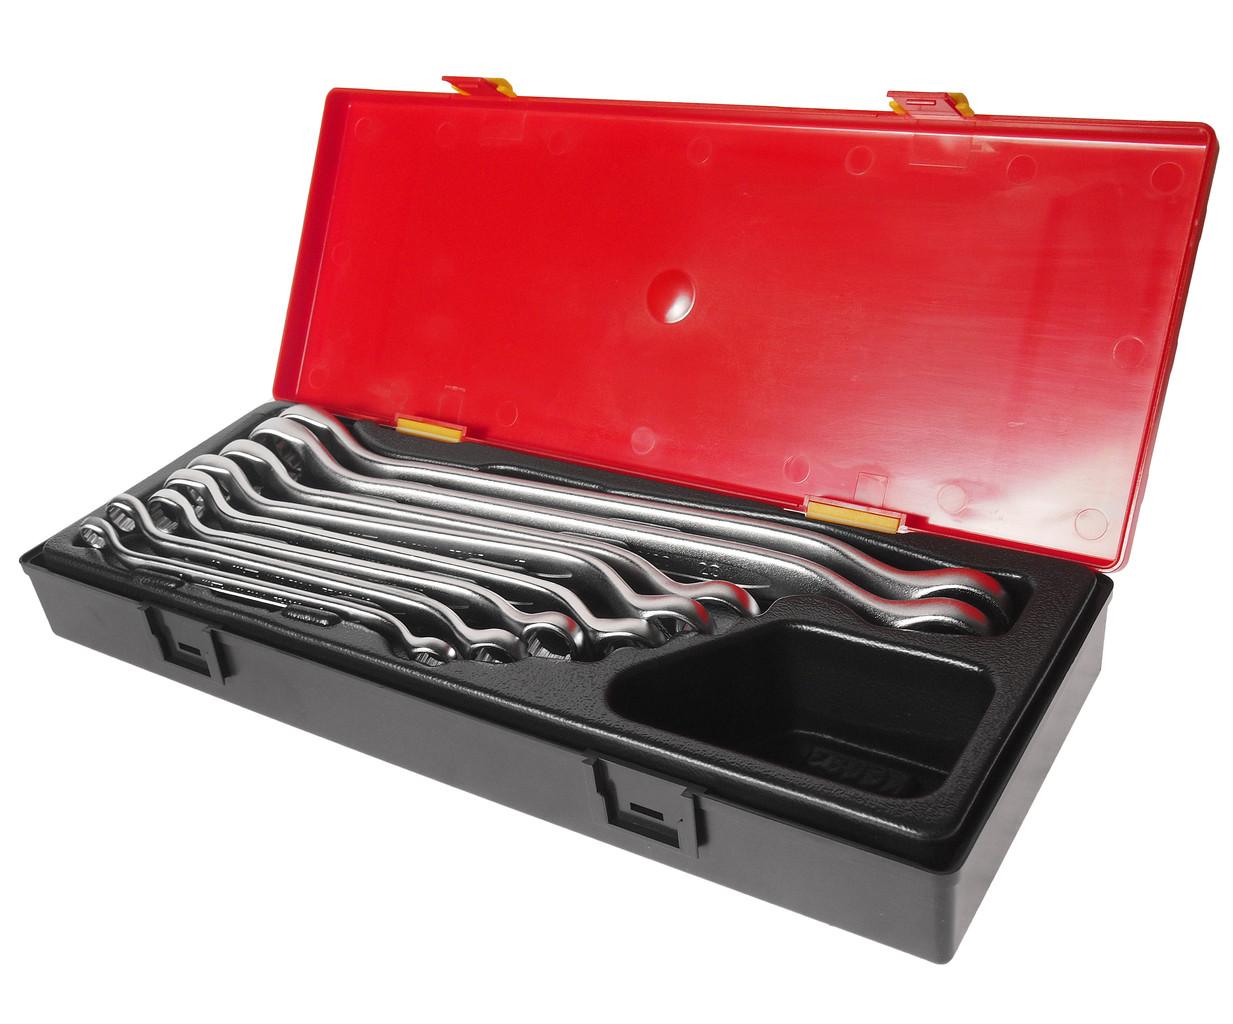 Набор накидных ключей угол изгиба 45гр. 8ед. (ЕВРО ТИП) (K6082 JTC)